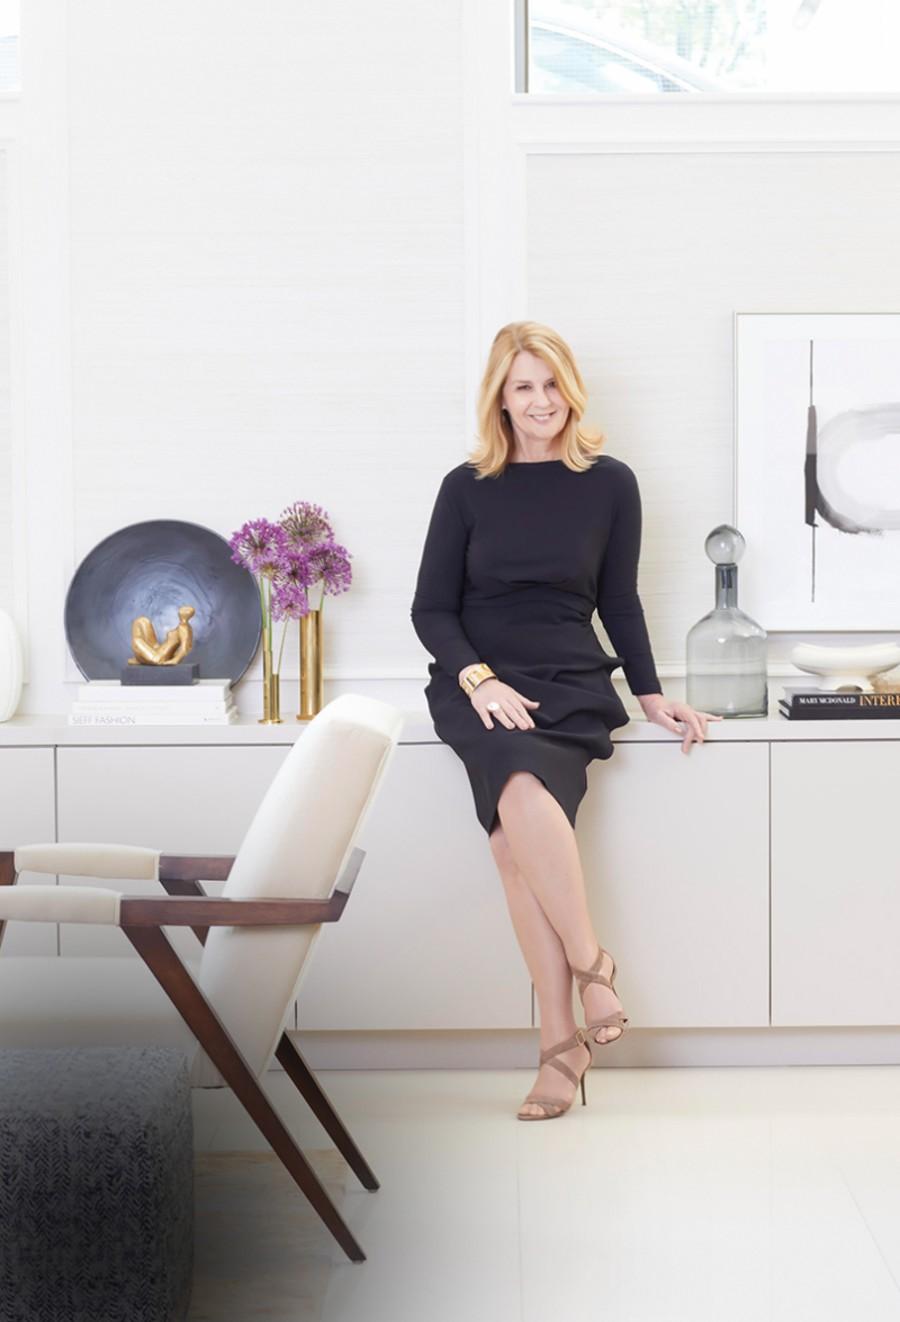 Elizabeth Metcalfe - Classic and Modern Design Harmony  elizabeth metcalfe Elizabeth Metcalfe – Classic and Modern Design Harmony Elizabeth Metcalfe Classic and Modern Design Harmony 1